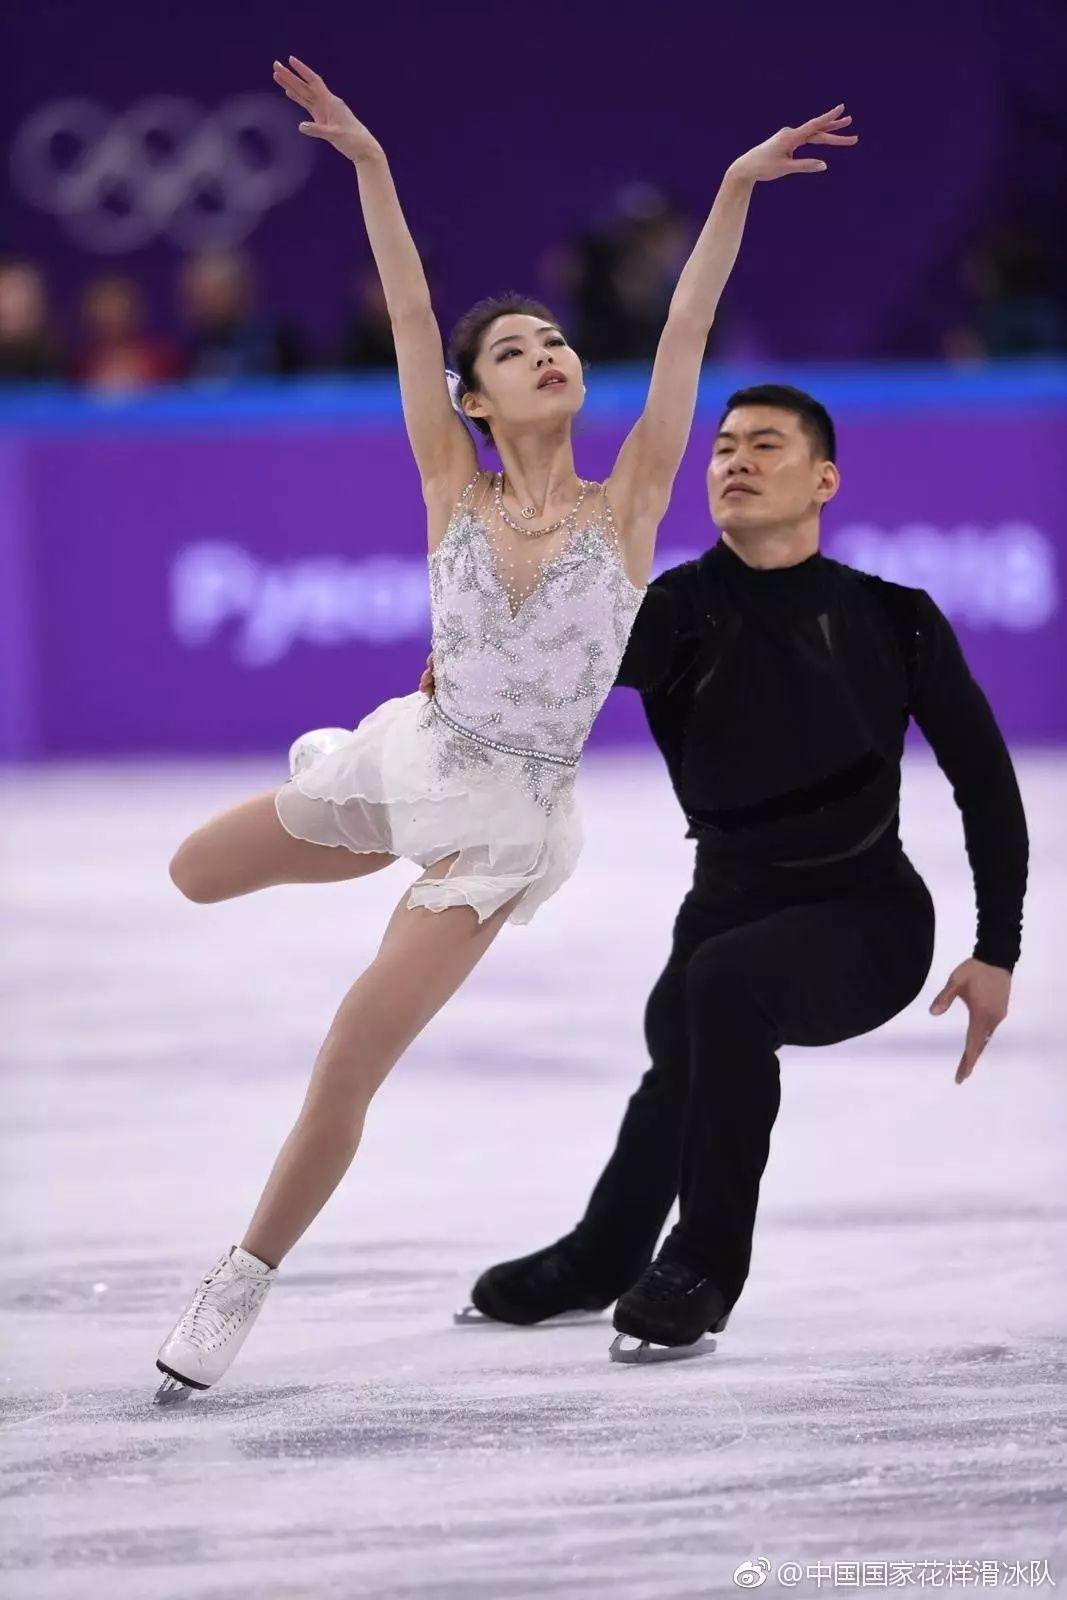 平昌冬奥会男子花样滑冰 金博洋创造历史-中国新闻网